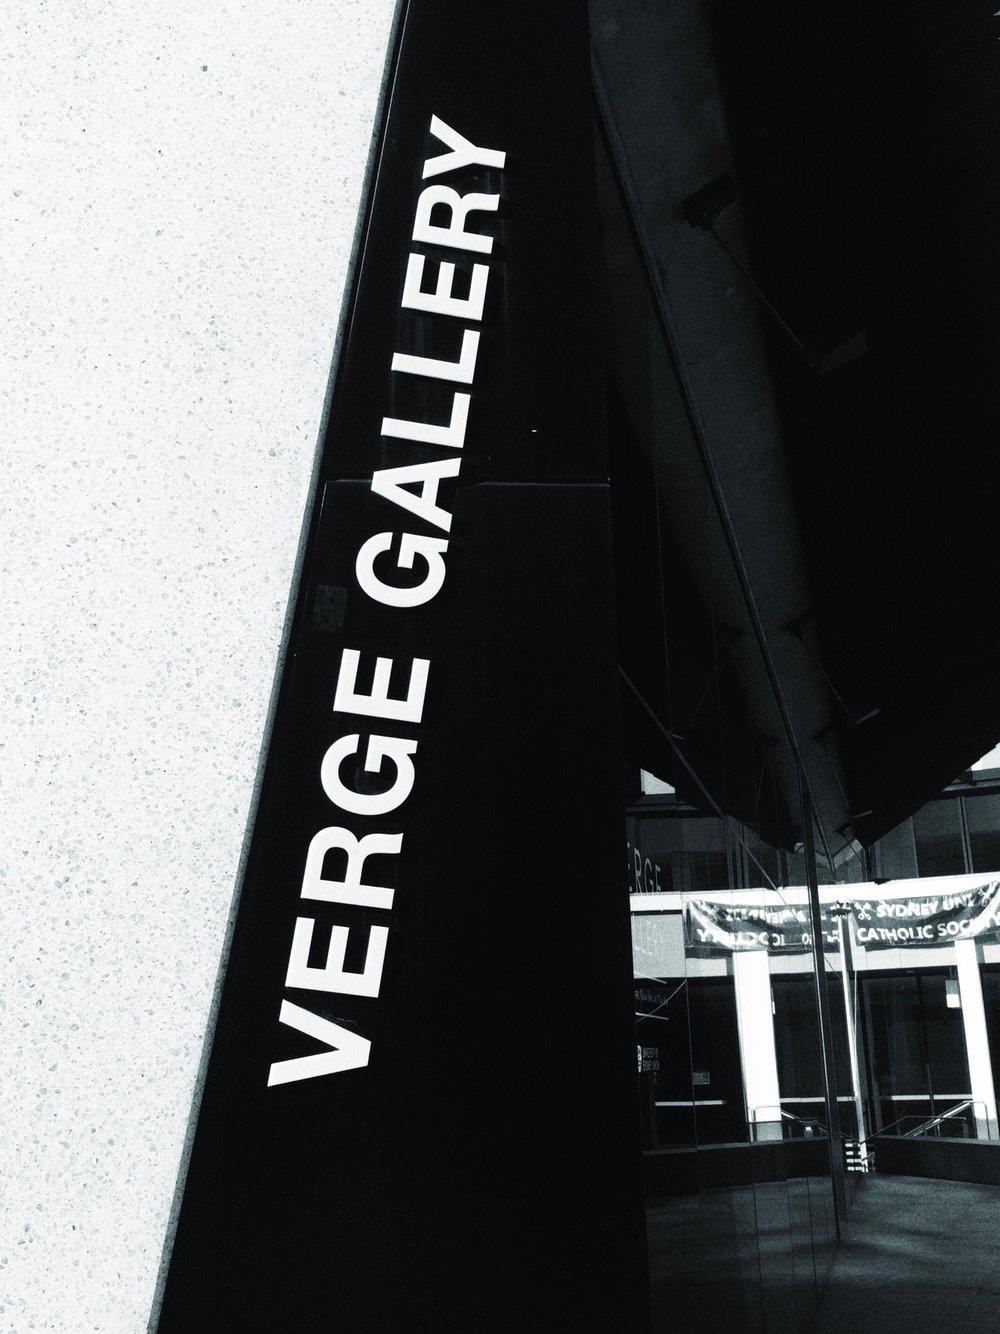 57. Verge Gallery